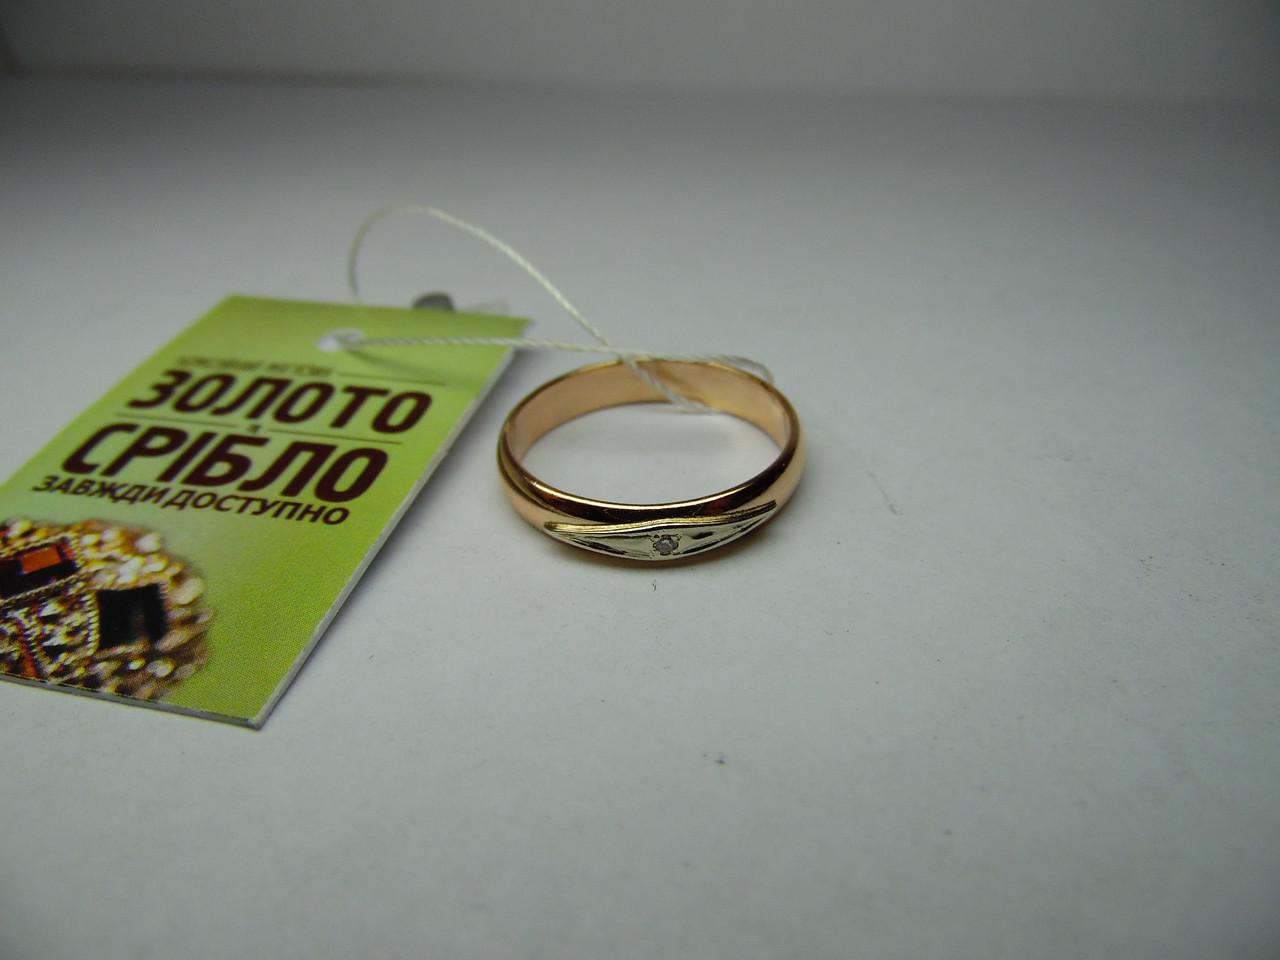 bd584d7f89f7 Обручальное золотое кольцо с бриллиантом. Размер 18.  продажа, цена ...